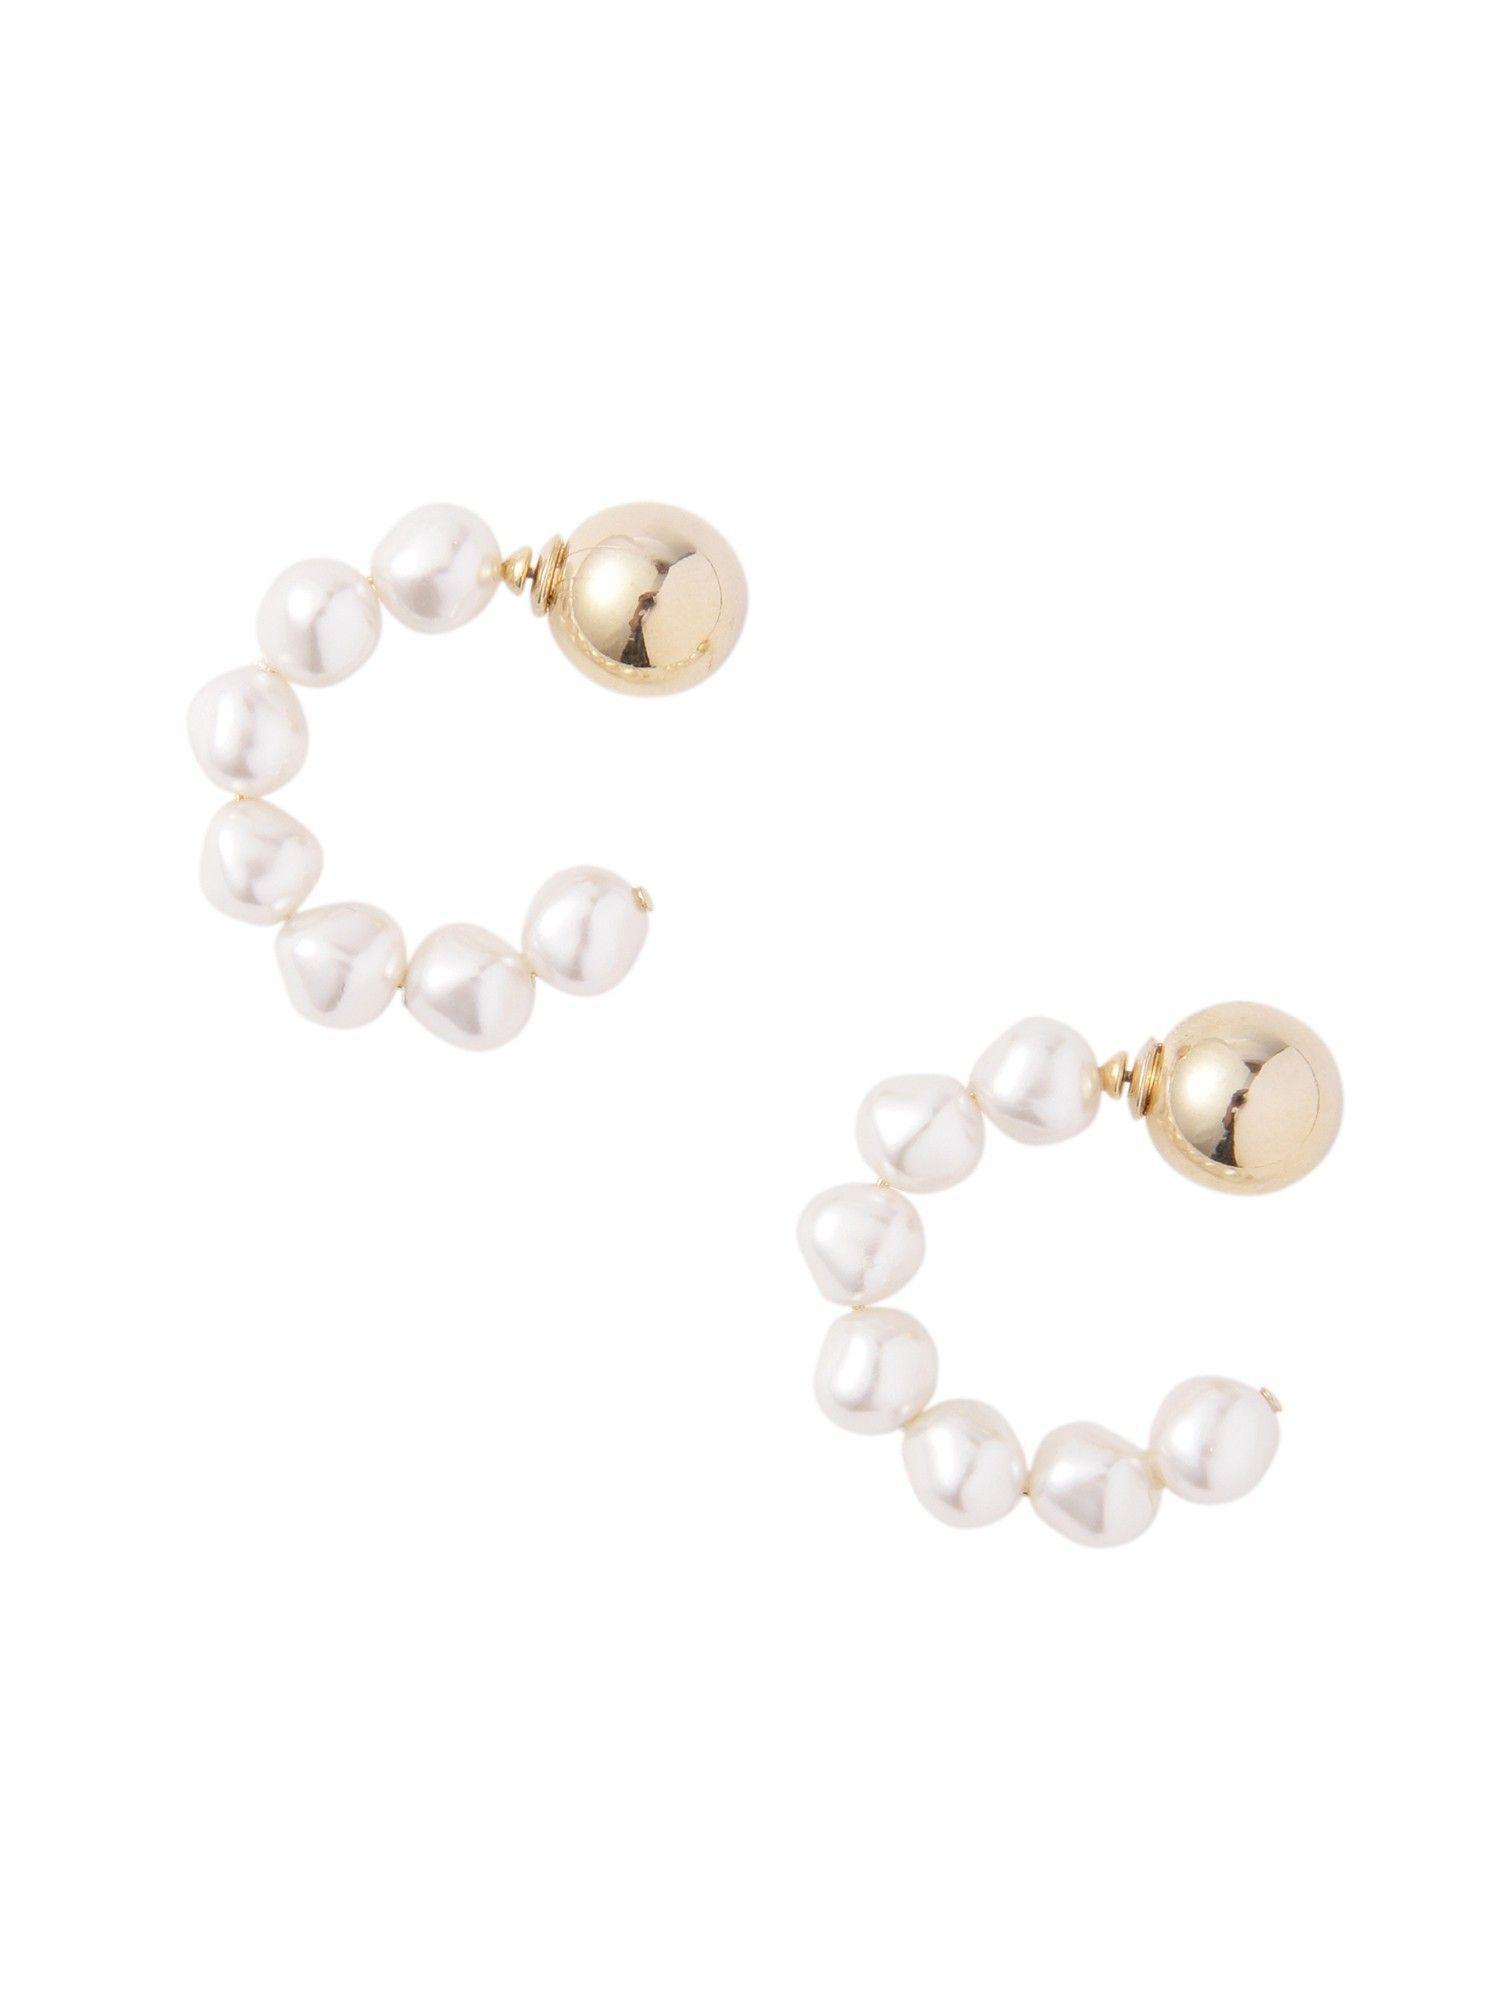 LADY變形的假珍珠耳環